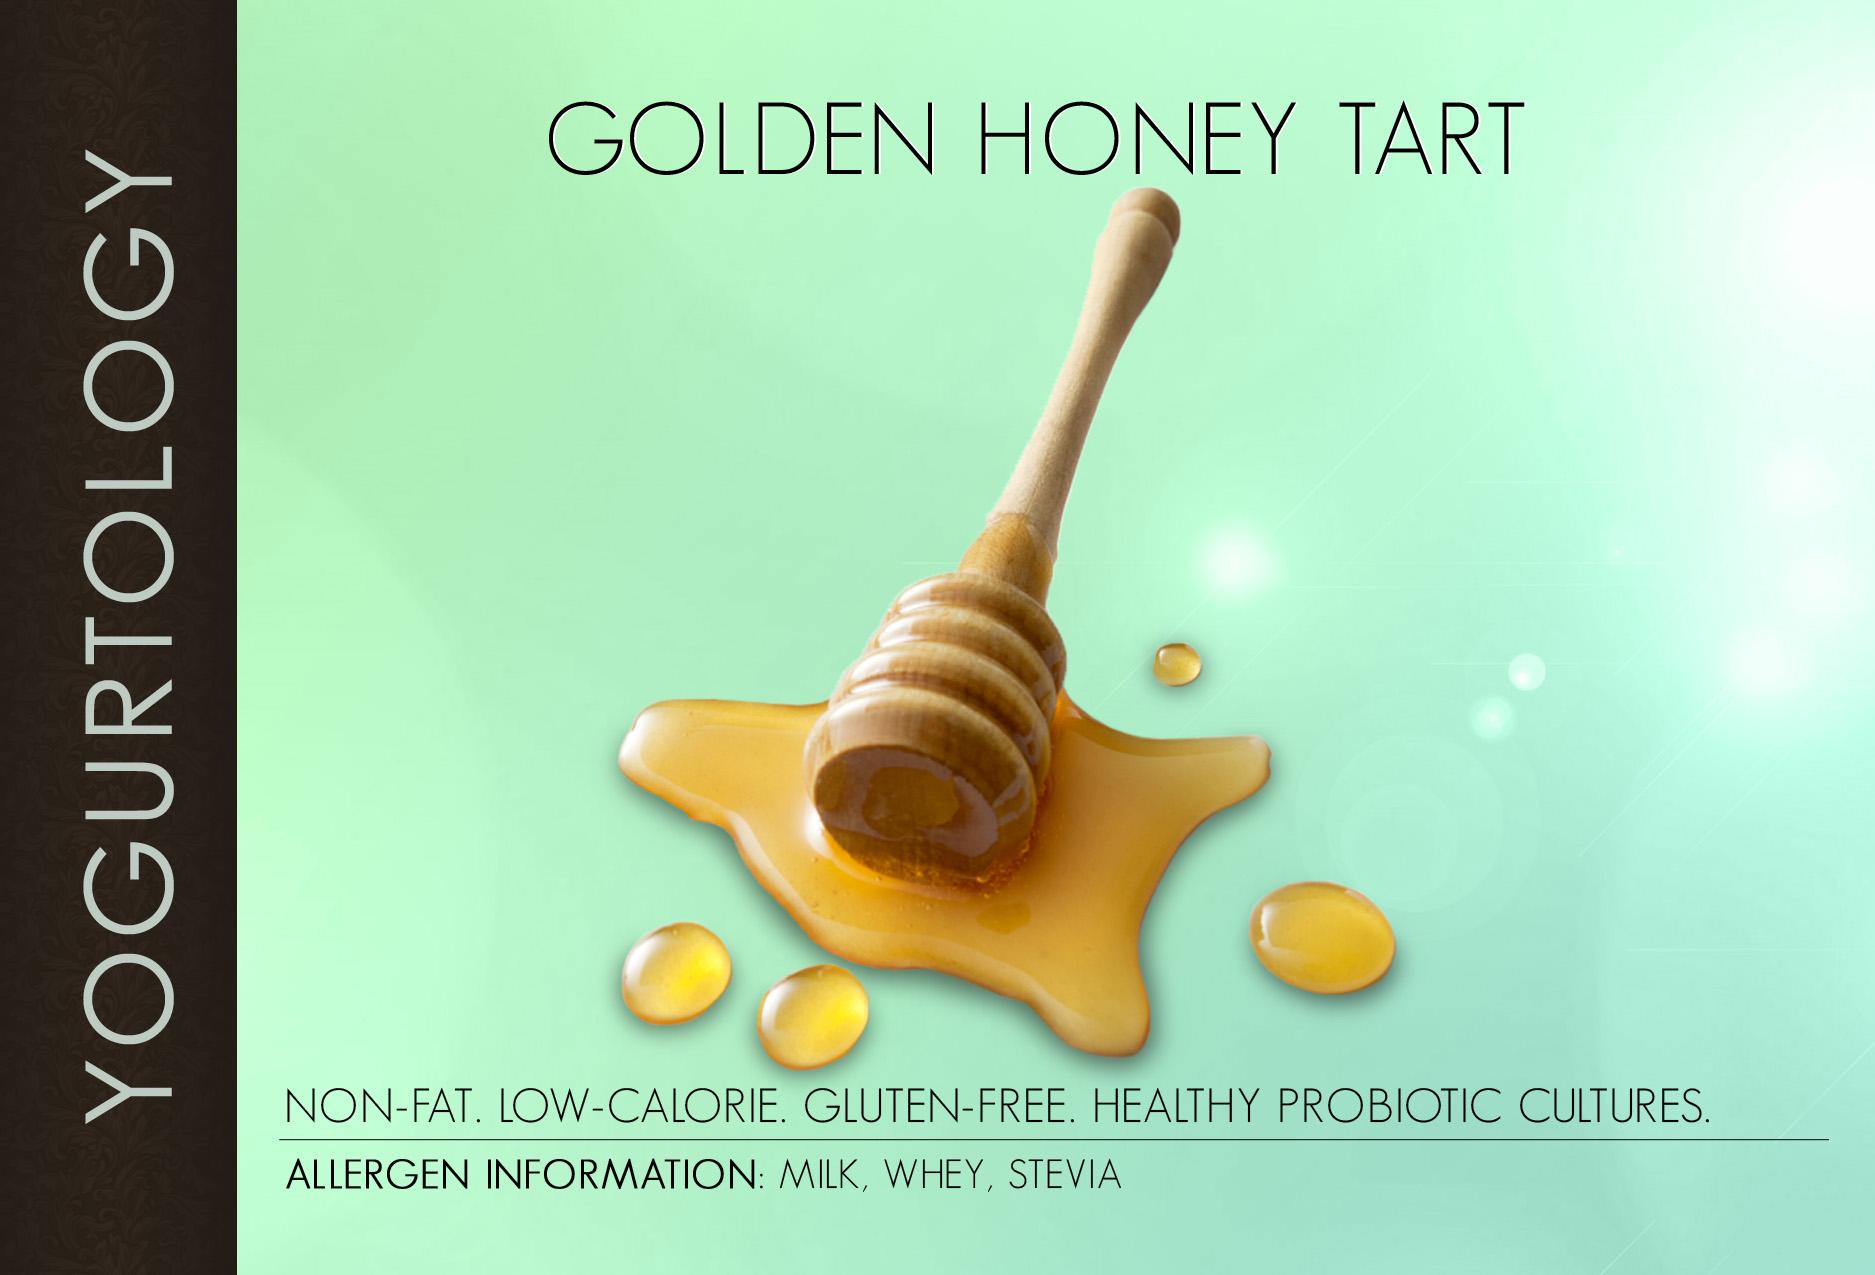 Golden Honey Tart